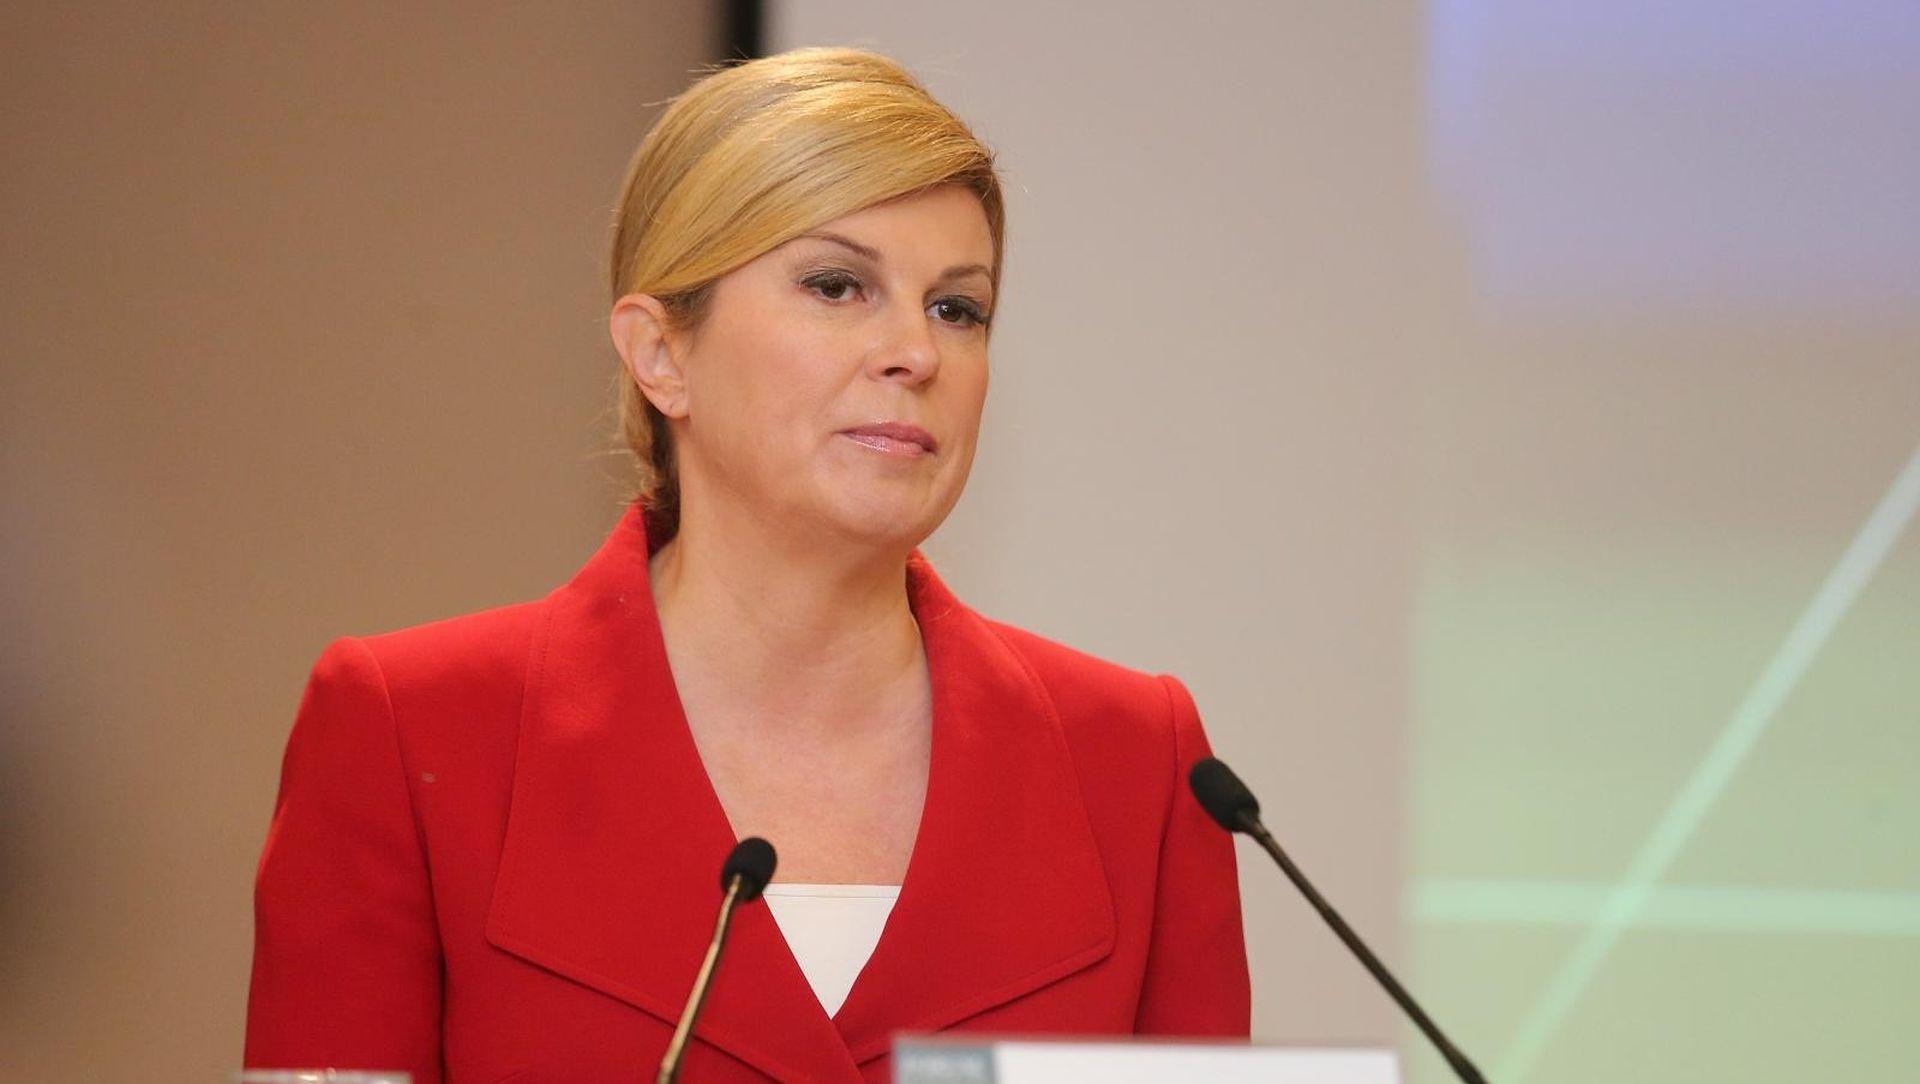 Predsjednica komentirala pisanje Nacionala da je Varga radio na njezinoj kampanji